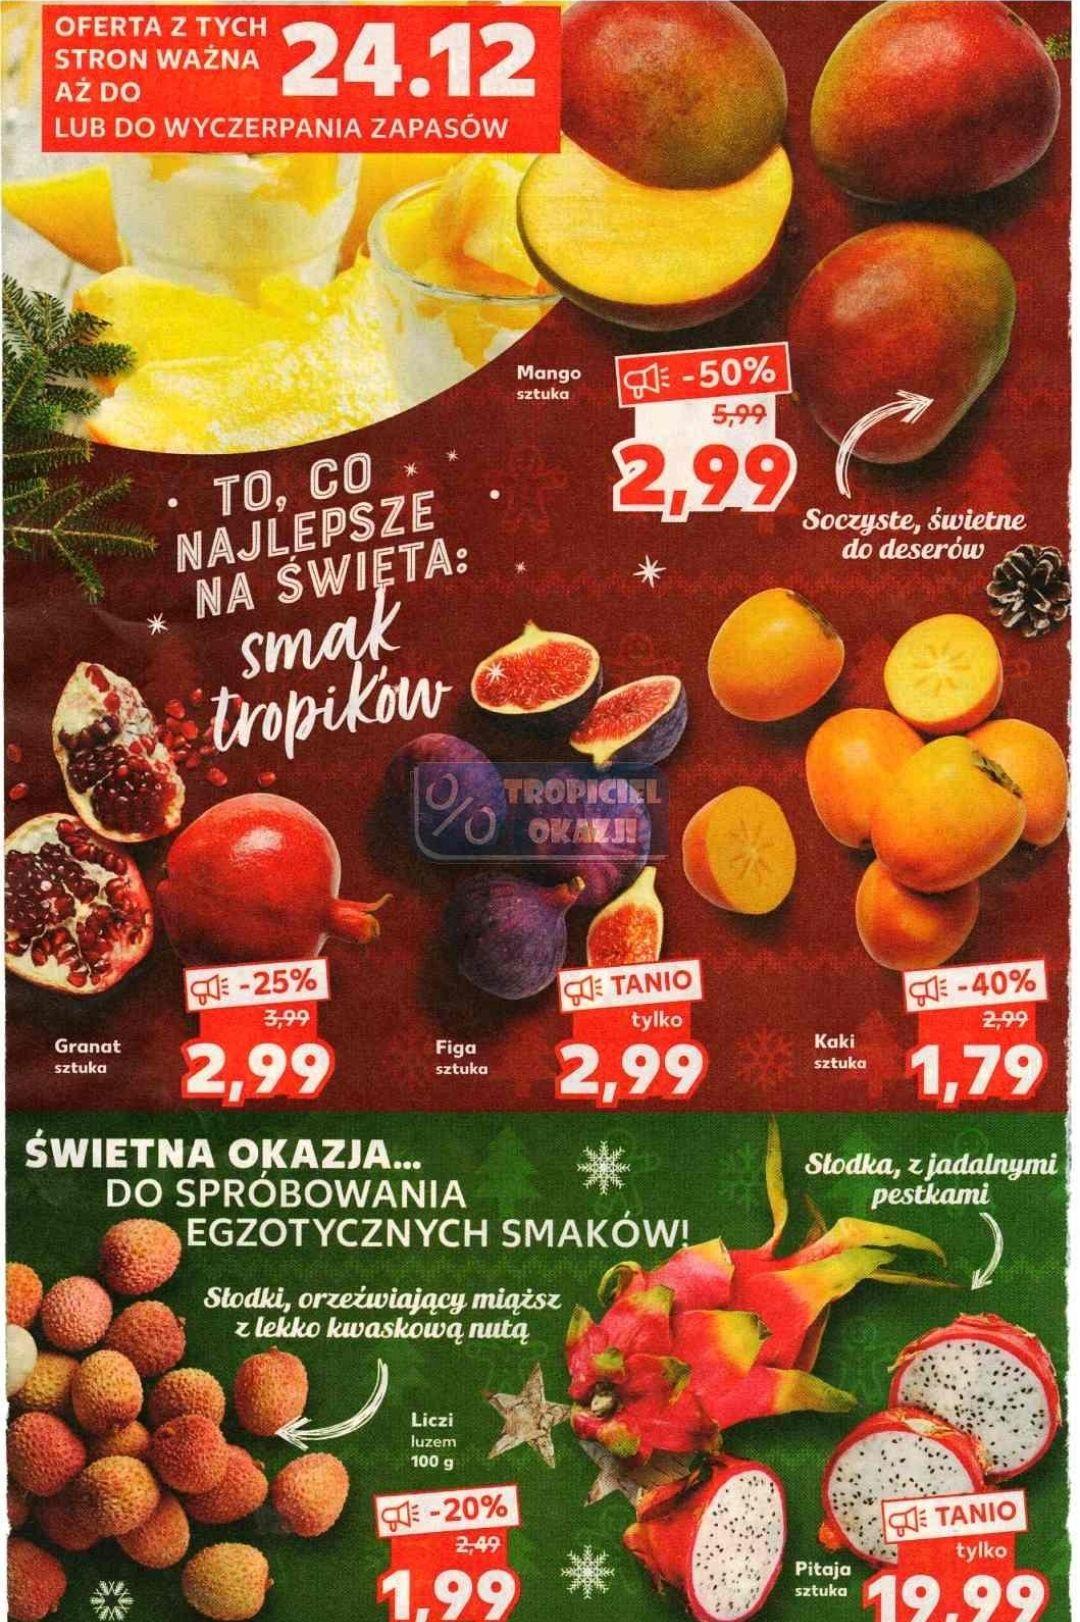 Owoce egzotyczne taniej w Kauflandzie